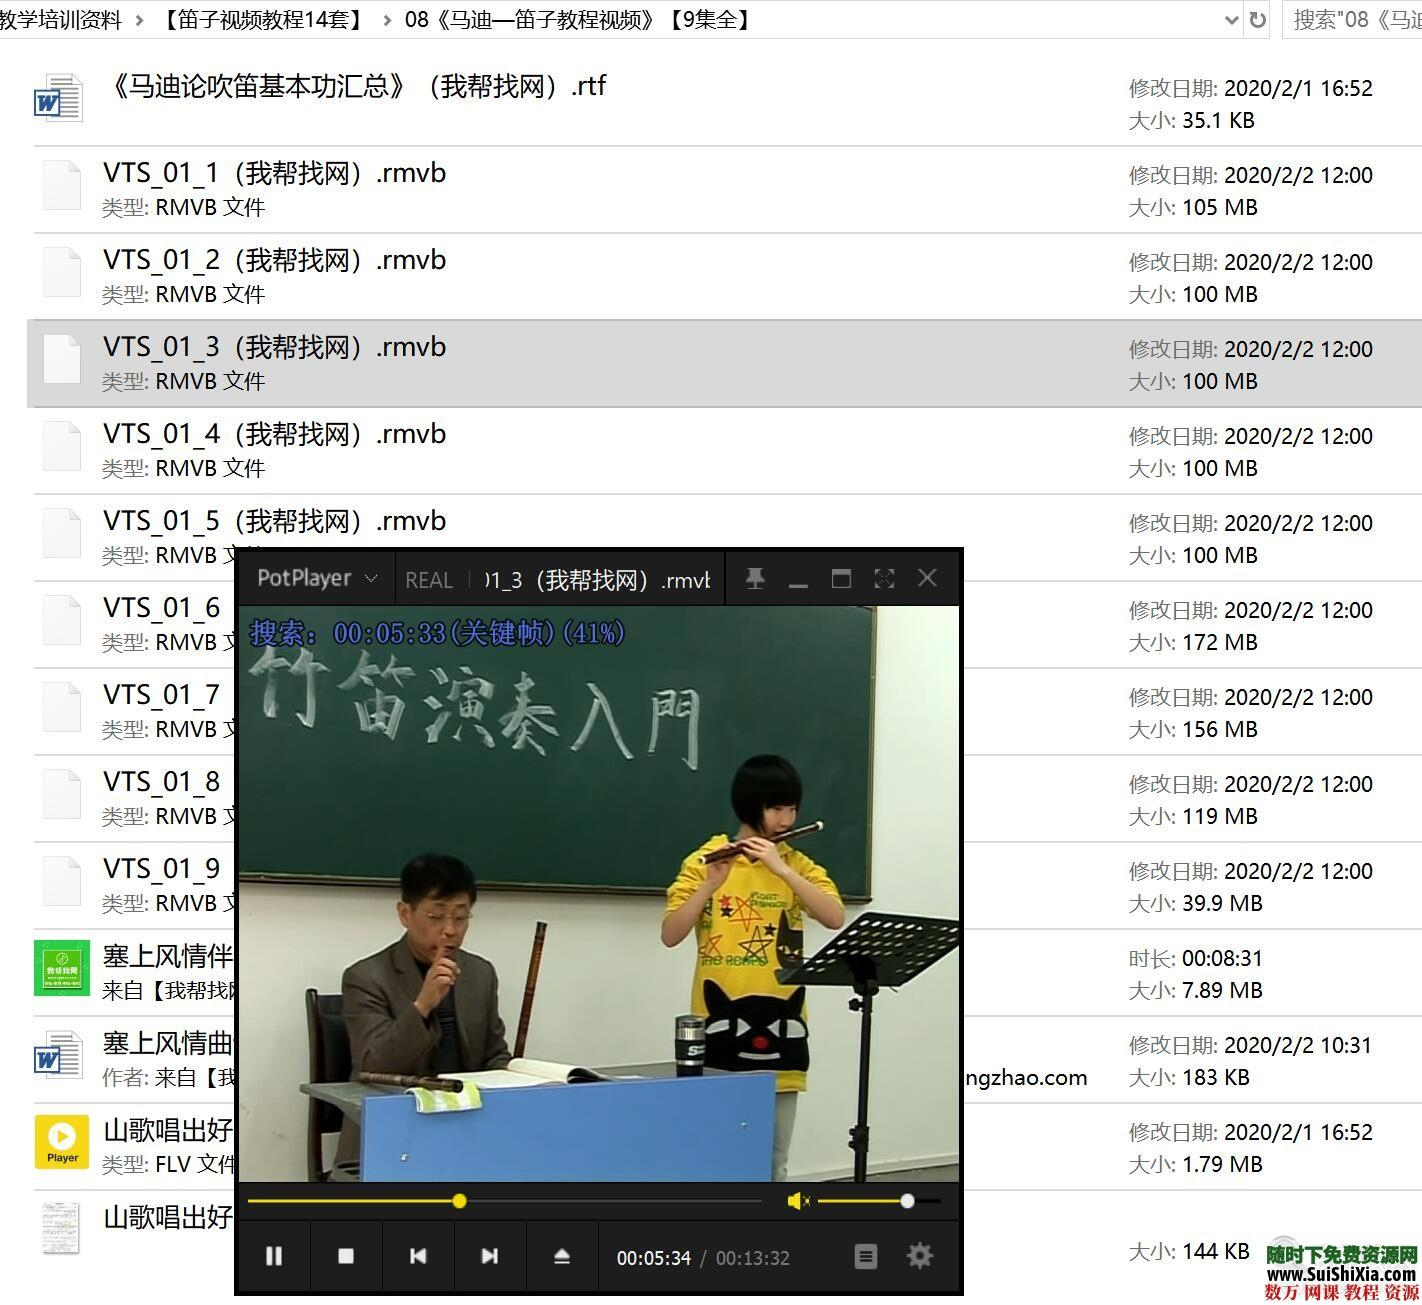 自学演奏吹笛子视频教程吹竹笛全集乐器音乐曲谱笛声指法教学培训资料 第10张